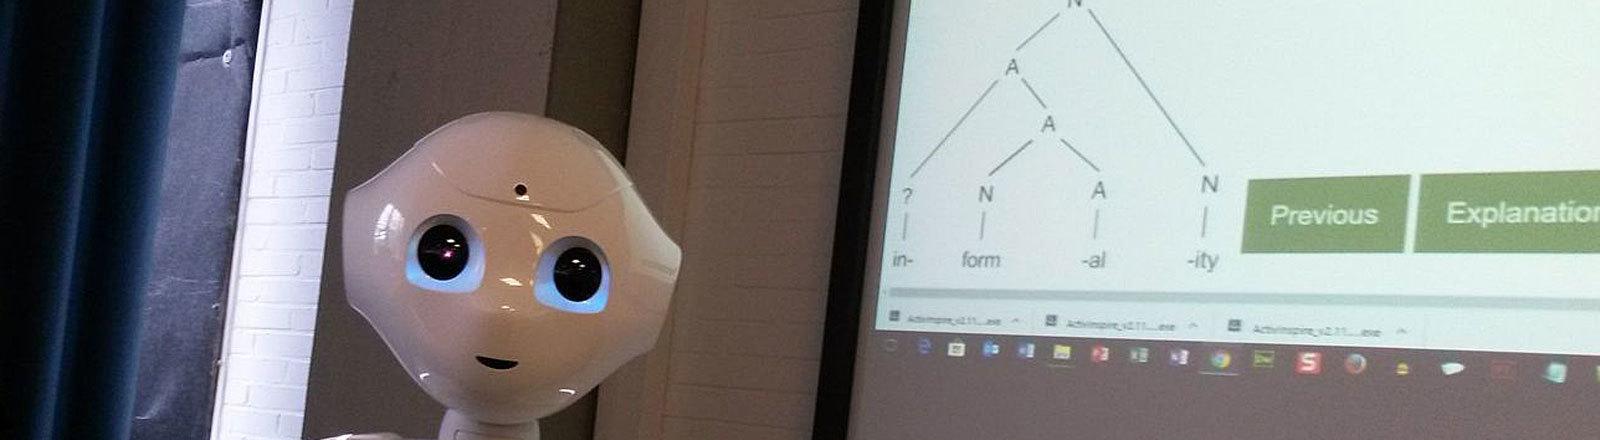 Roboter als Ersatz für Professoren?